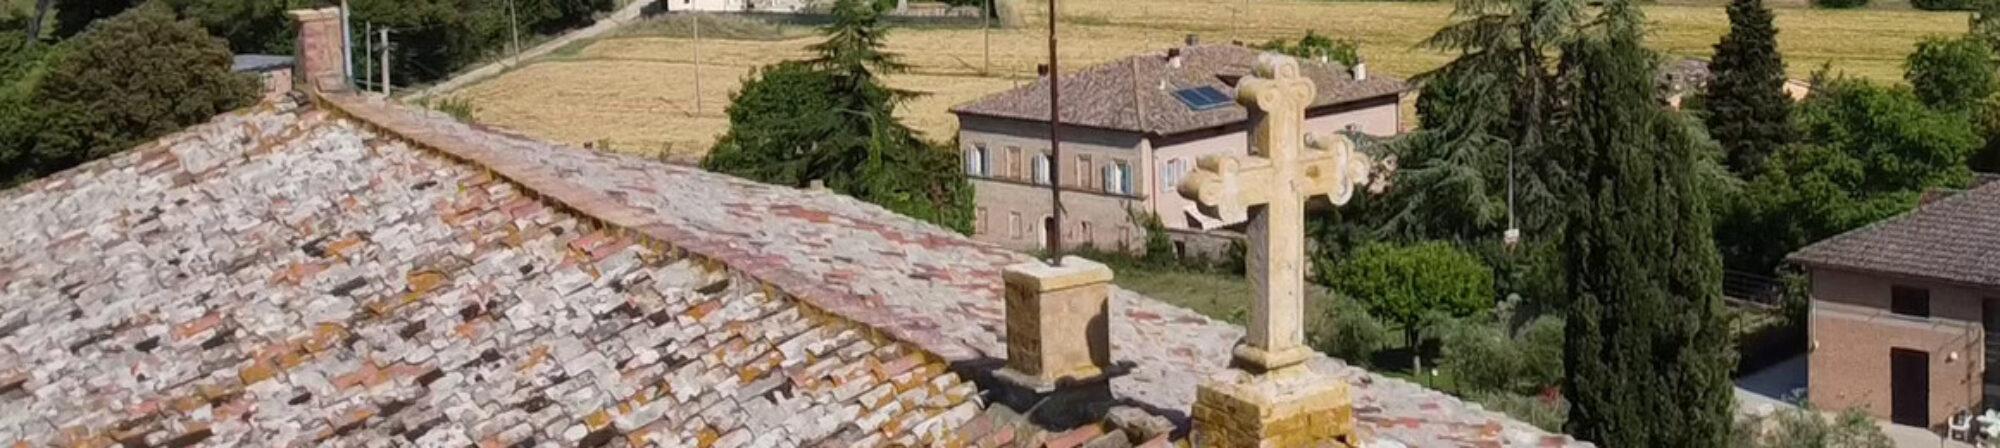 Parrocchia di Sant'Andrea Apostolo in Bagnaia